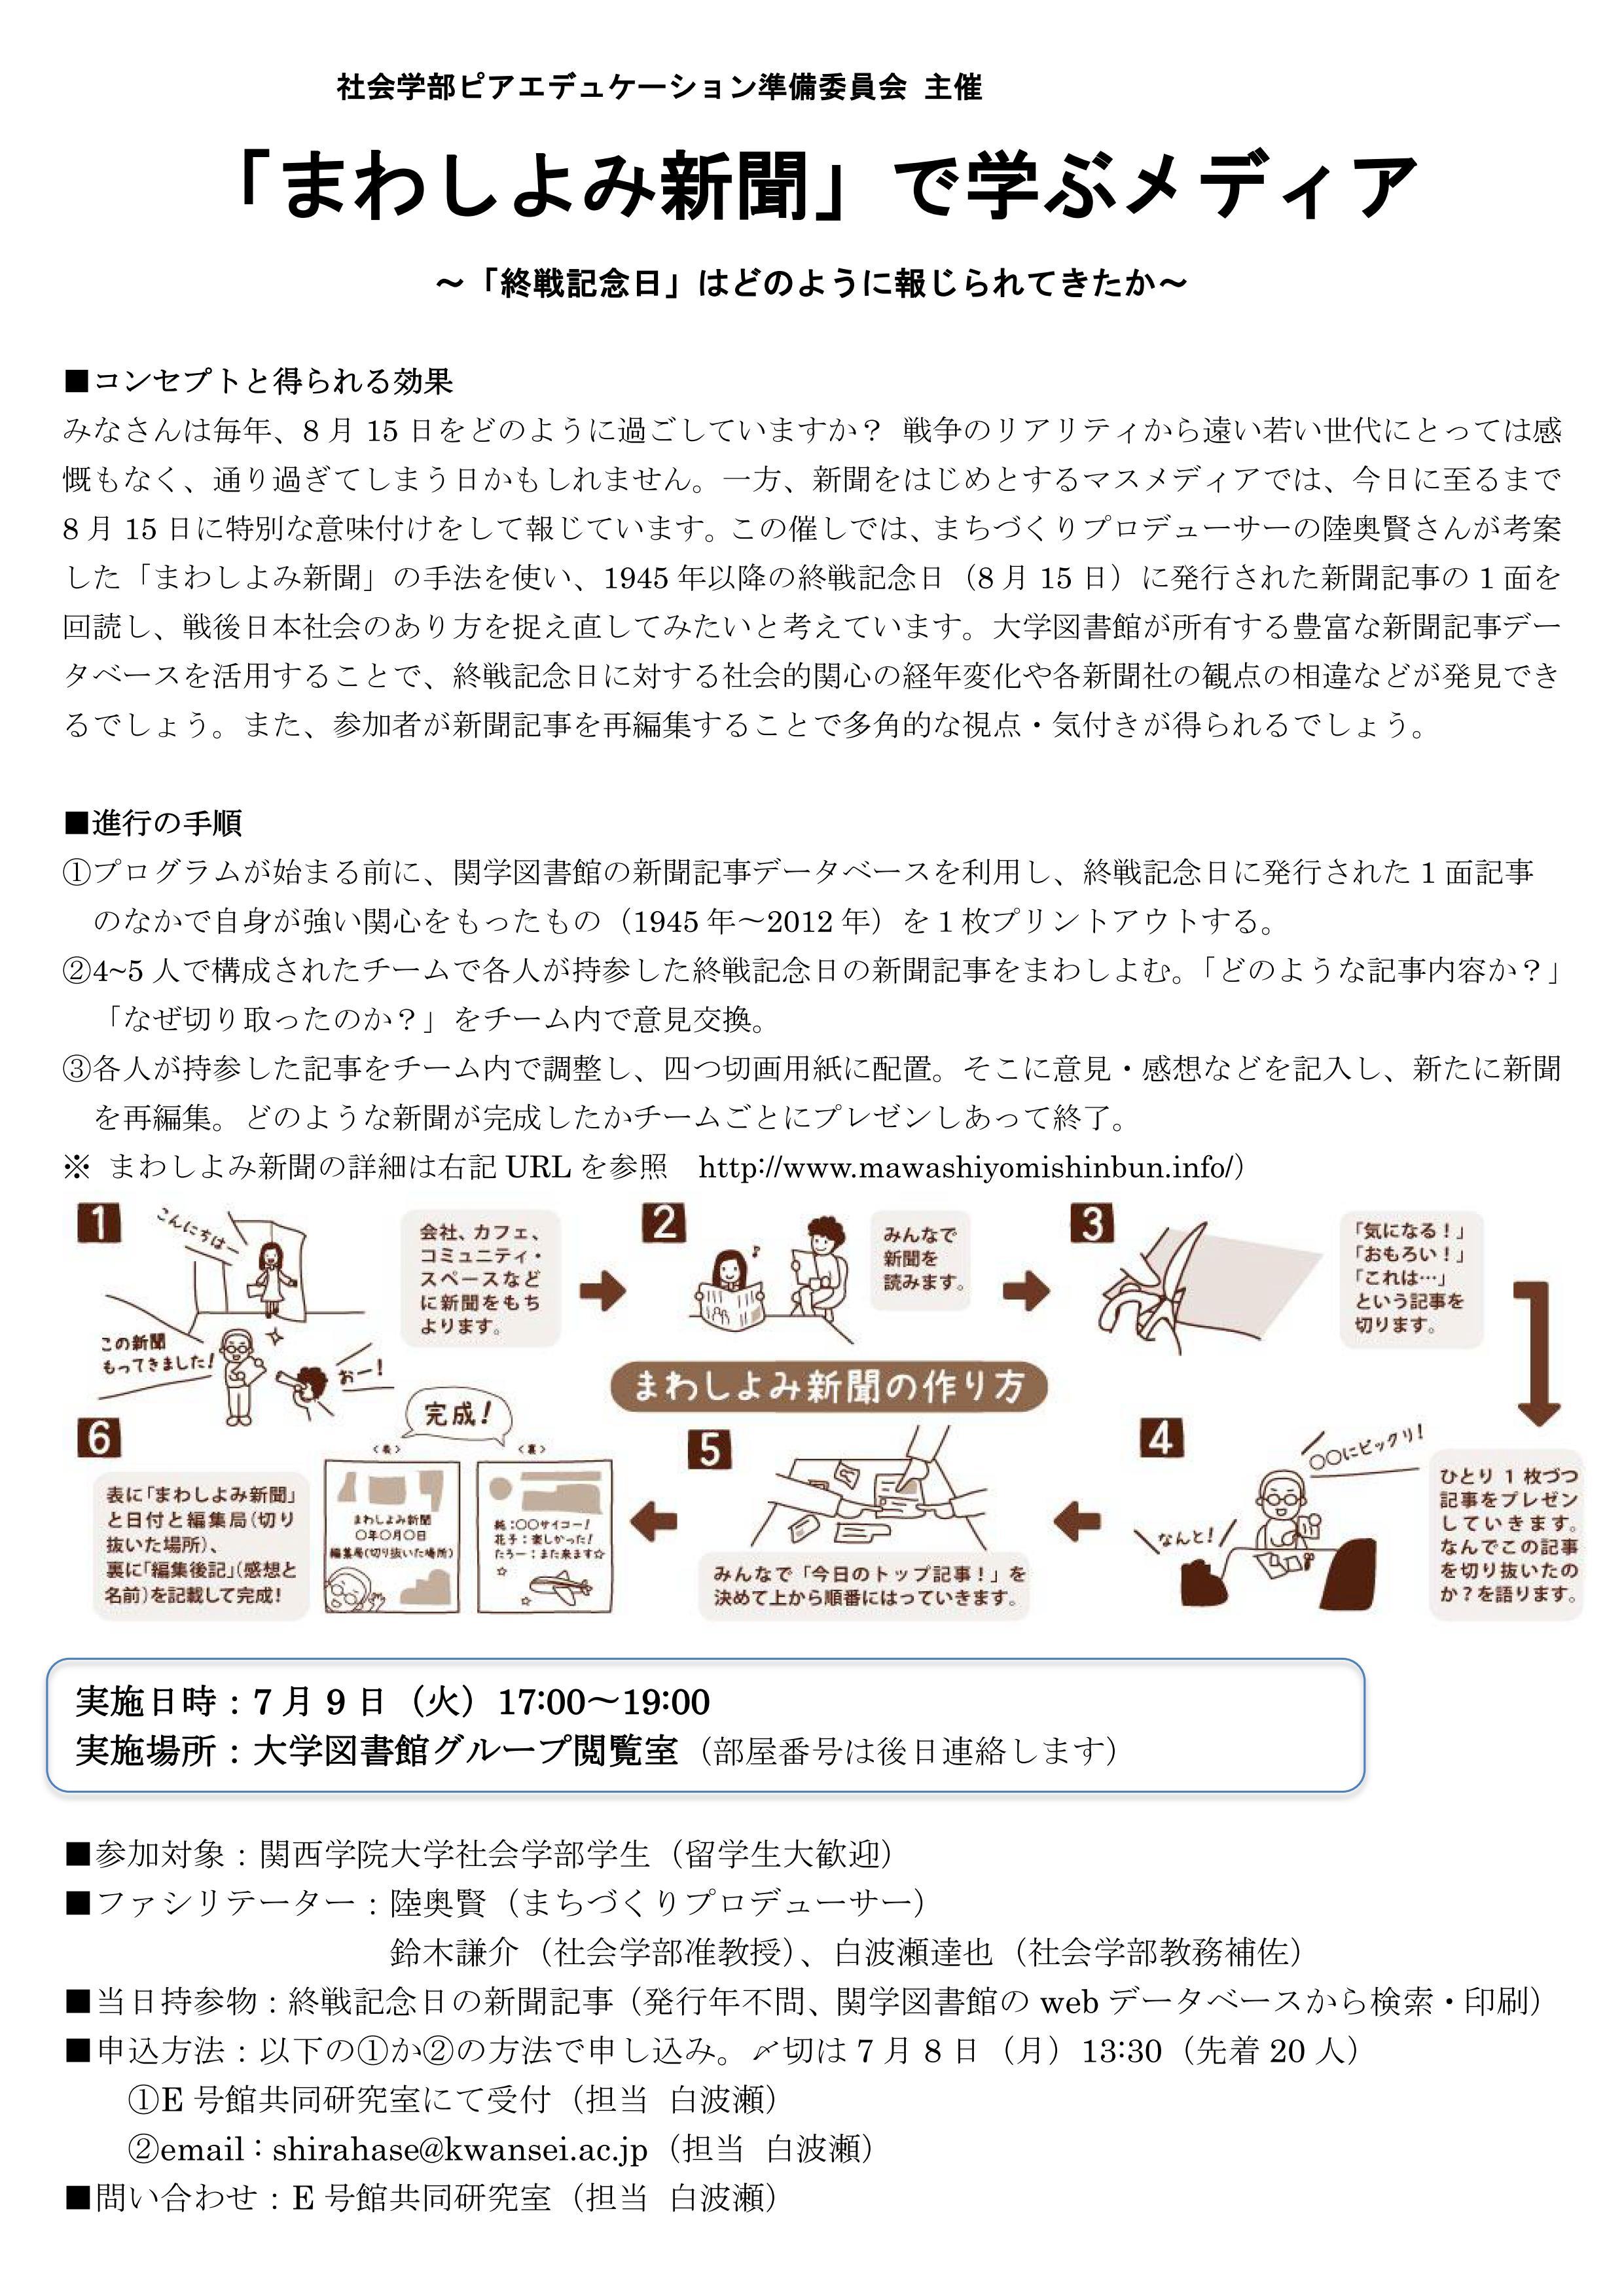 終戦記念日まわしよみ新聞_白波瀬再改訂_ (1)_02